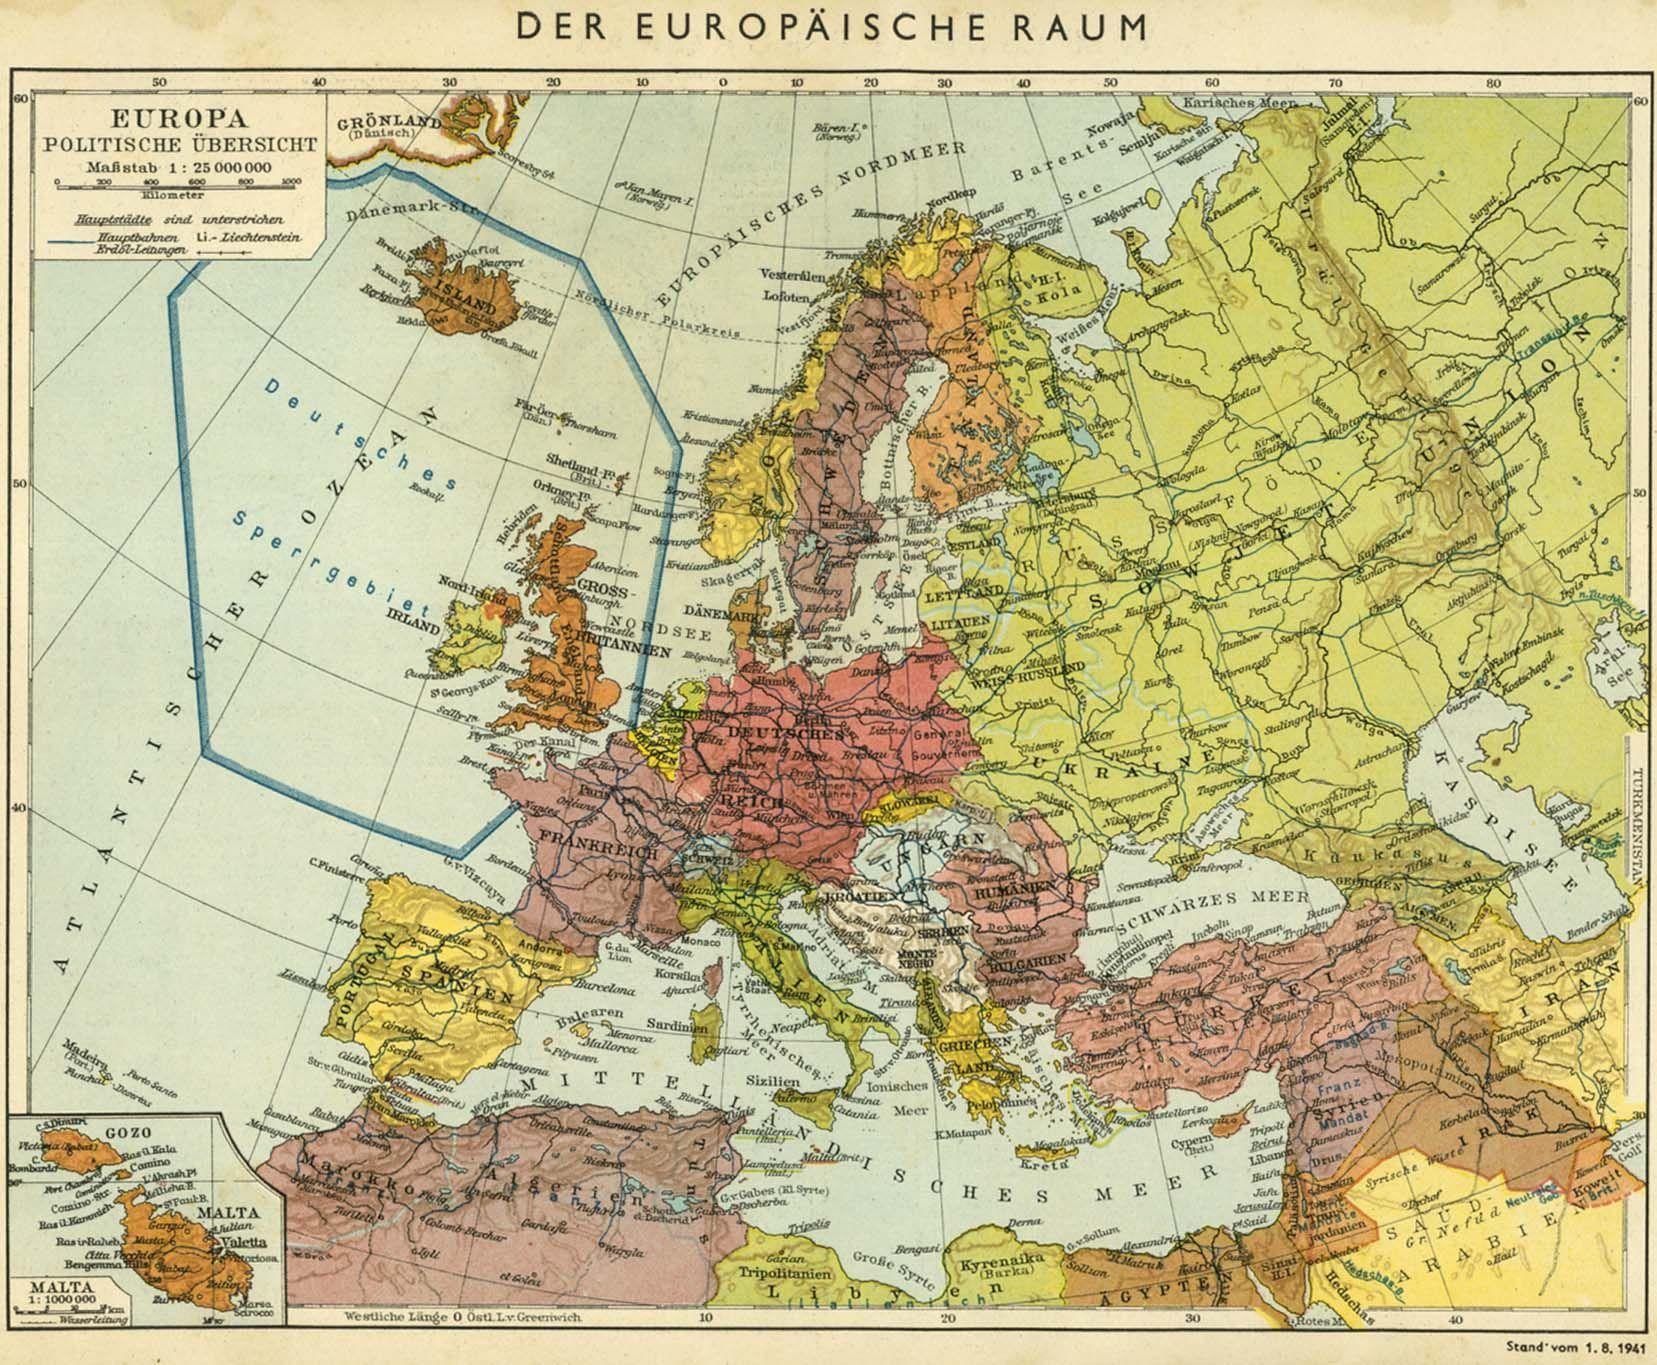 1944 Politicheskaya Karta Evropy